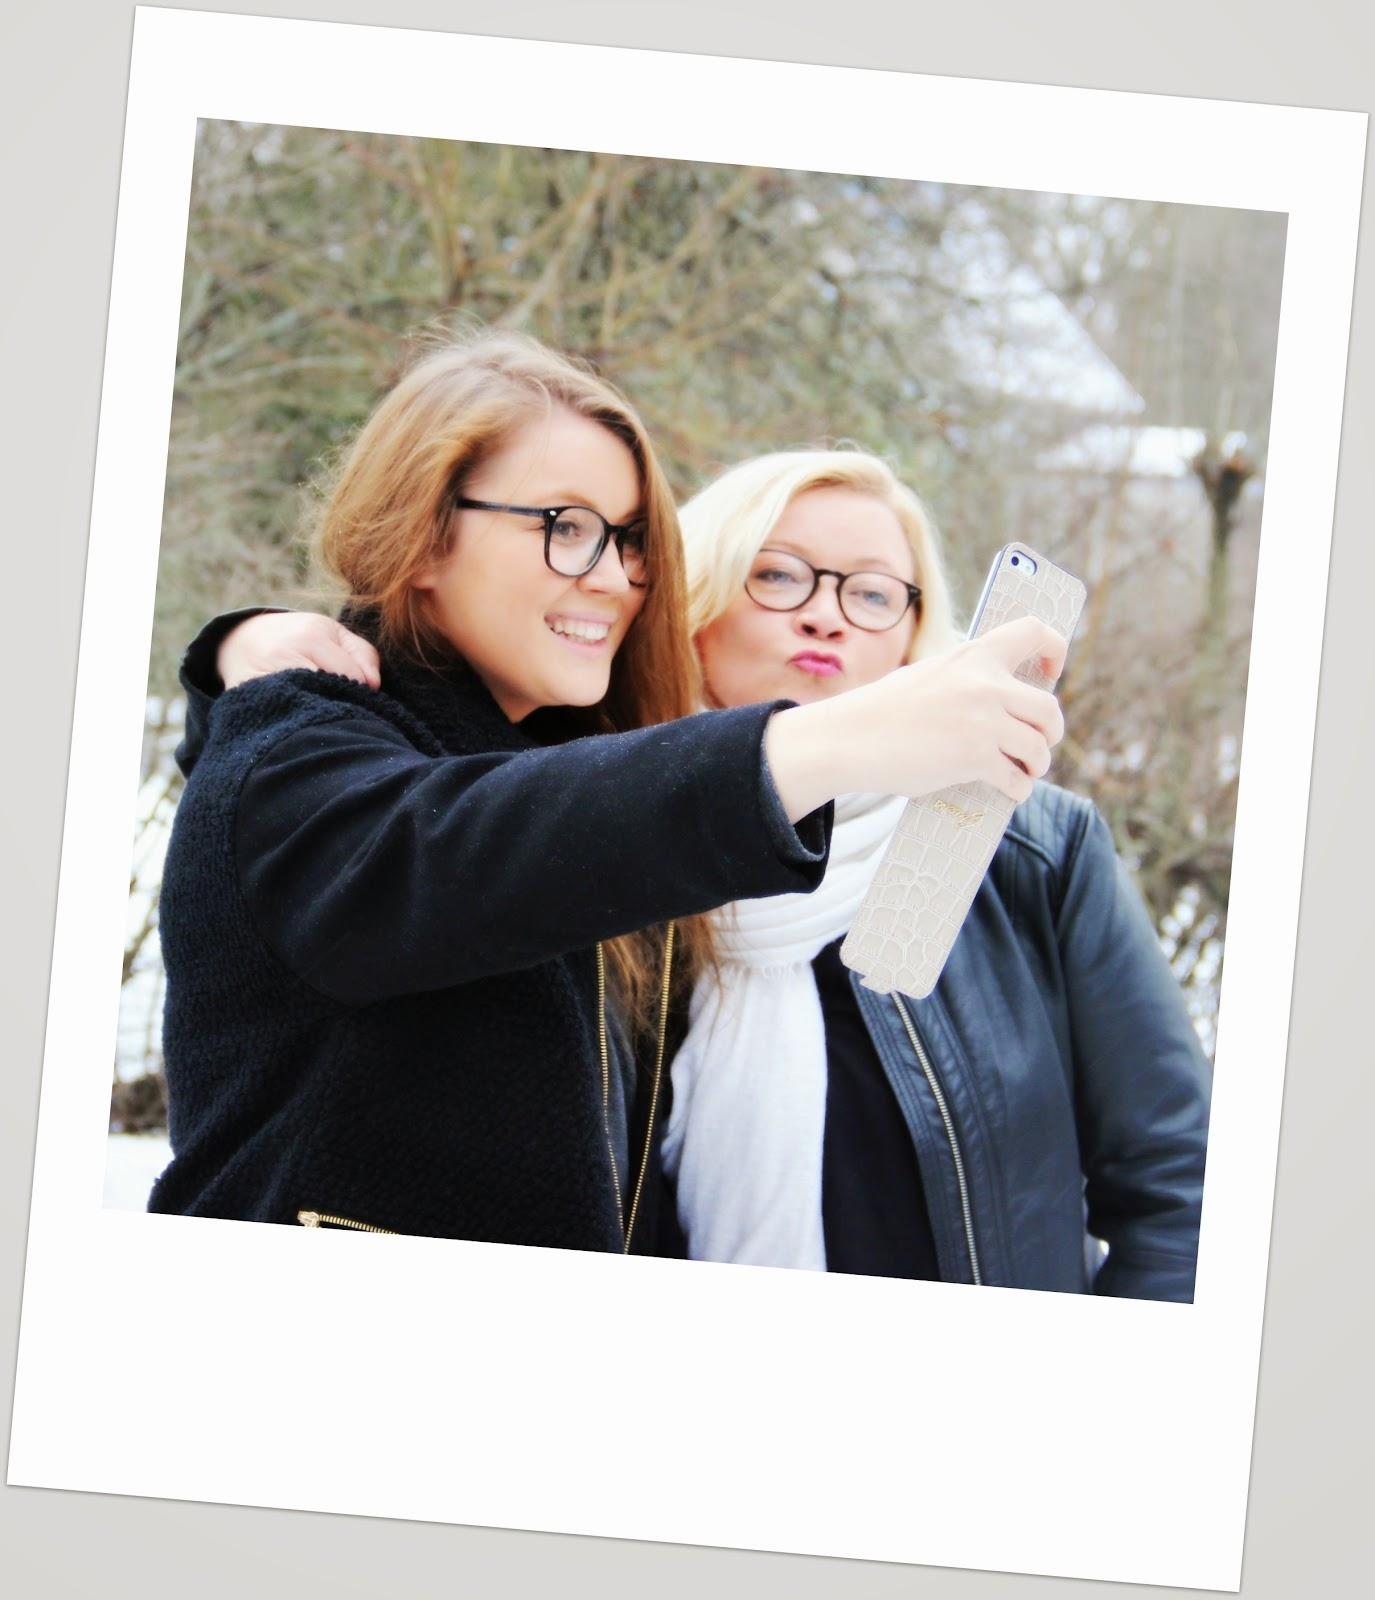 Äidin ja tyttären yhteinen selfie